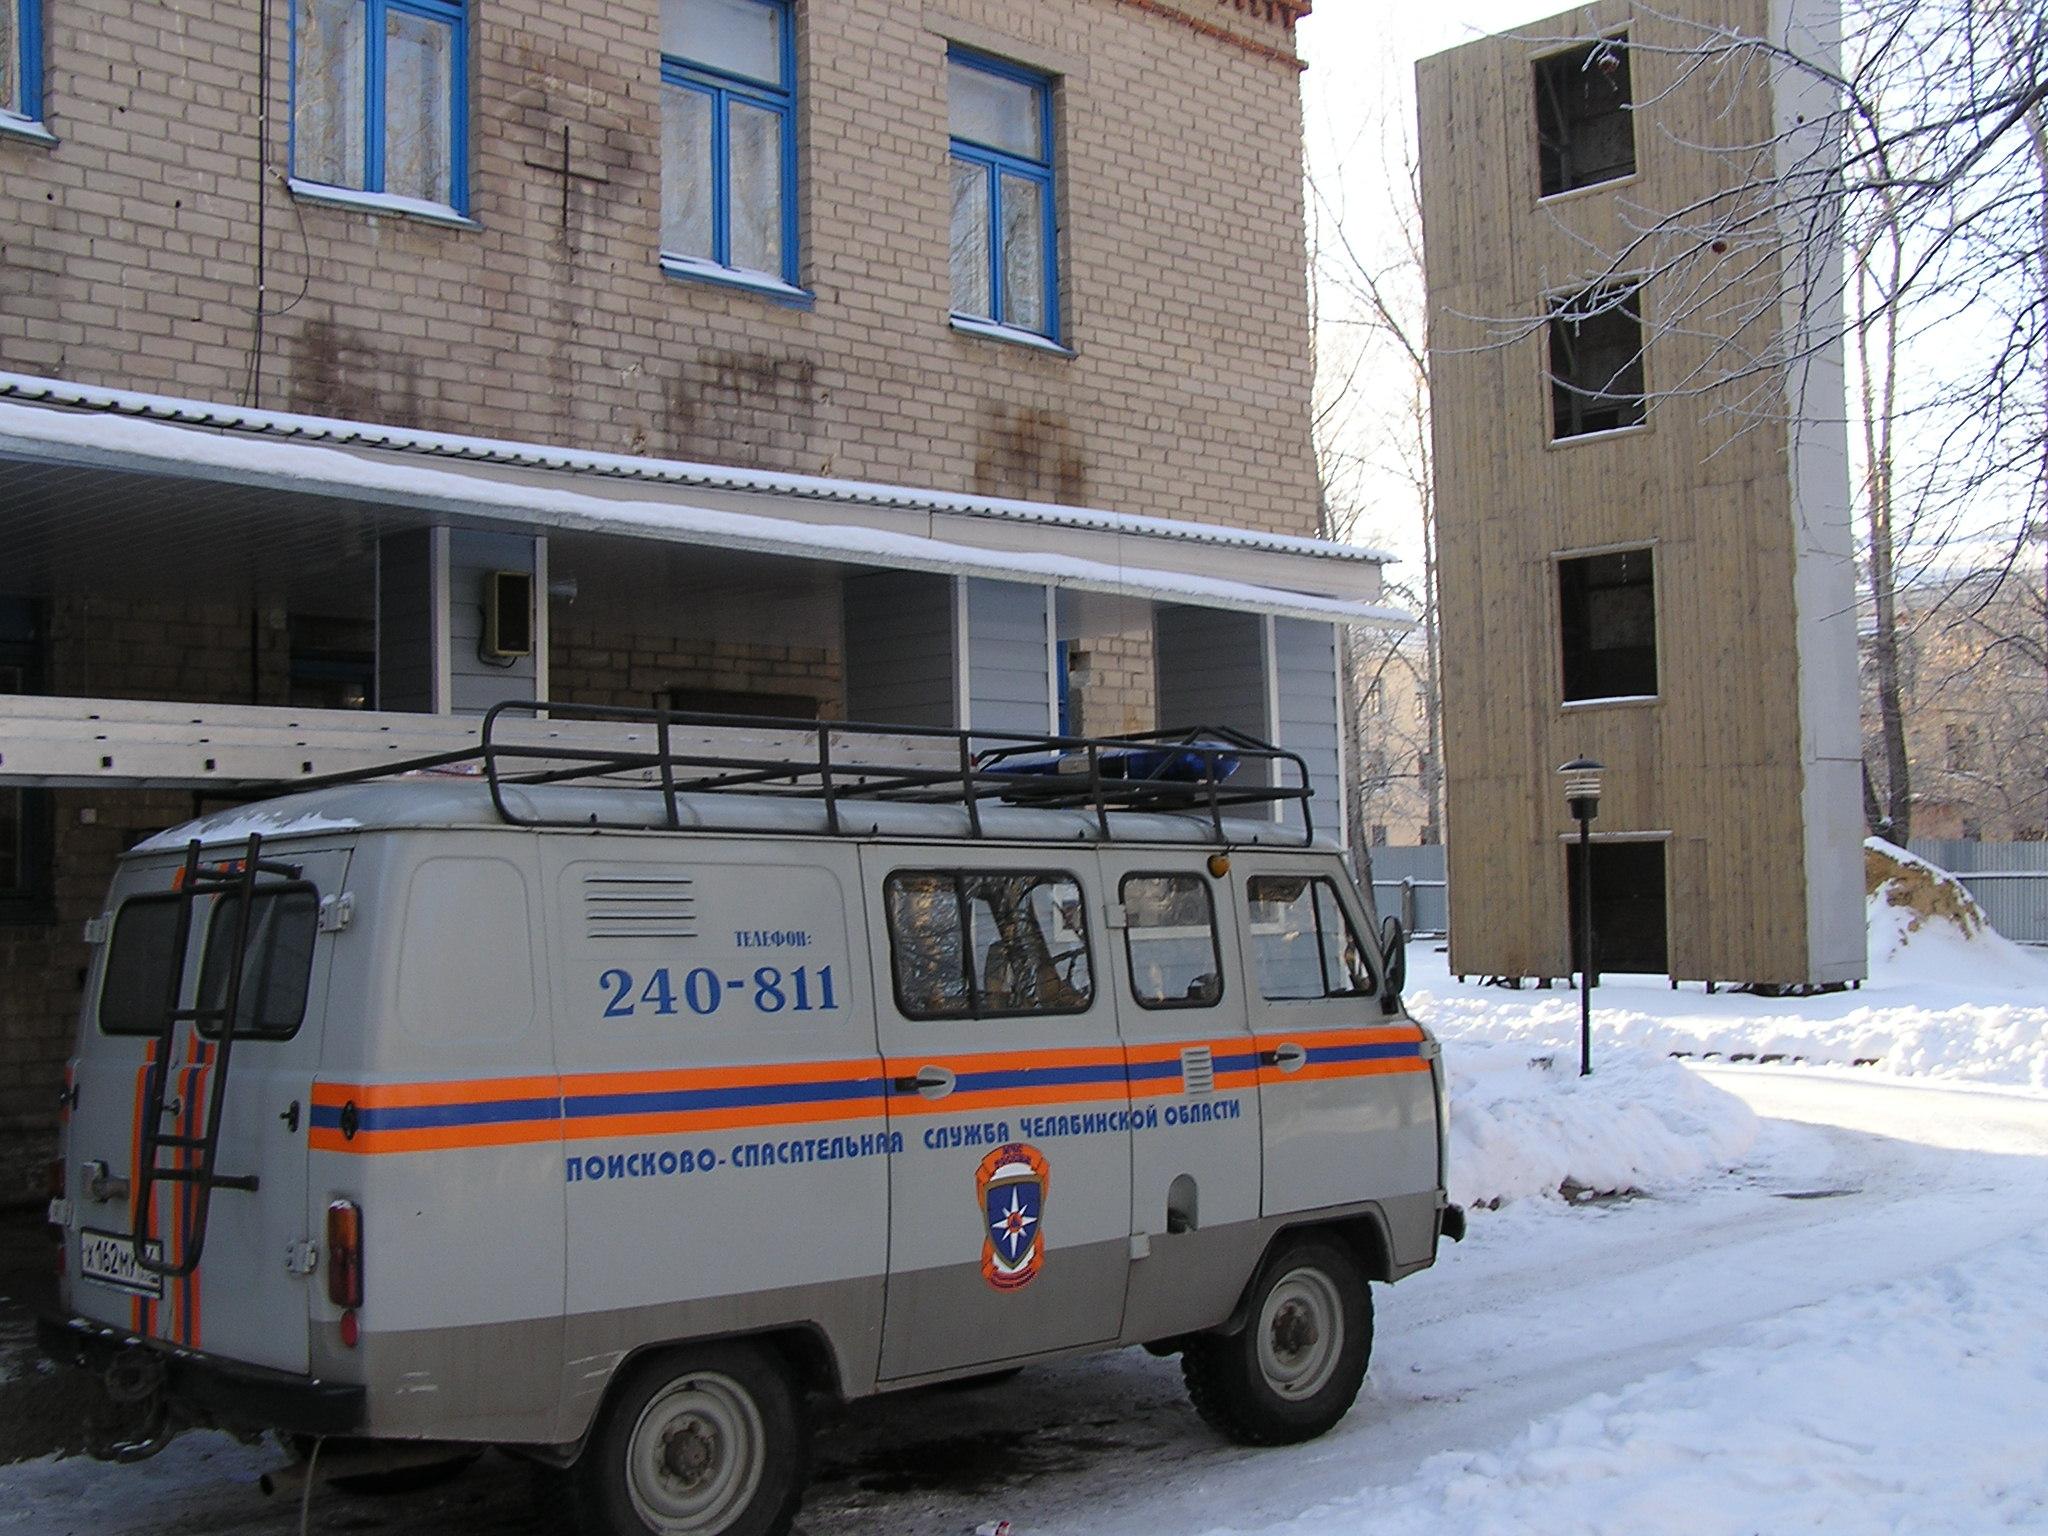 Как сообщили агентству «Урал-пресс-информ» в пресс-центре Поисково-спасательной службы области, и